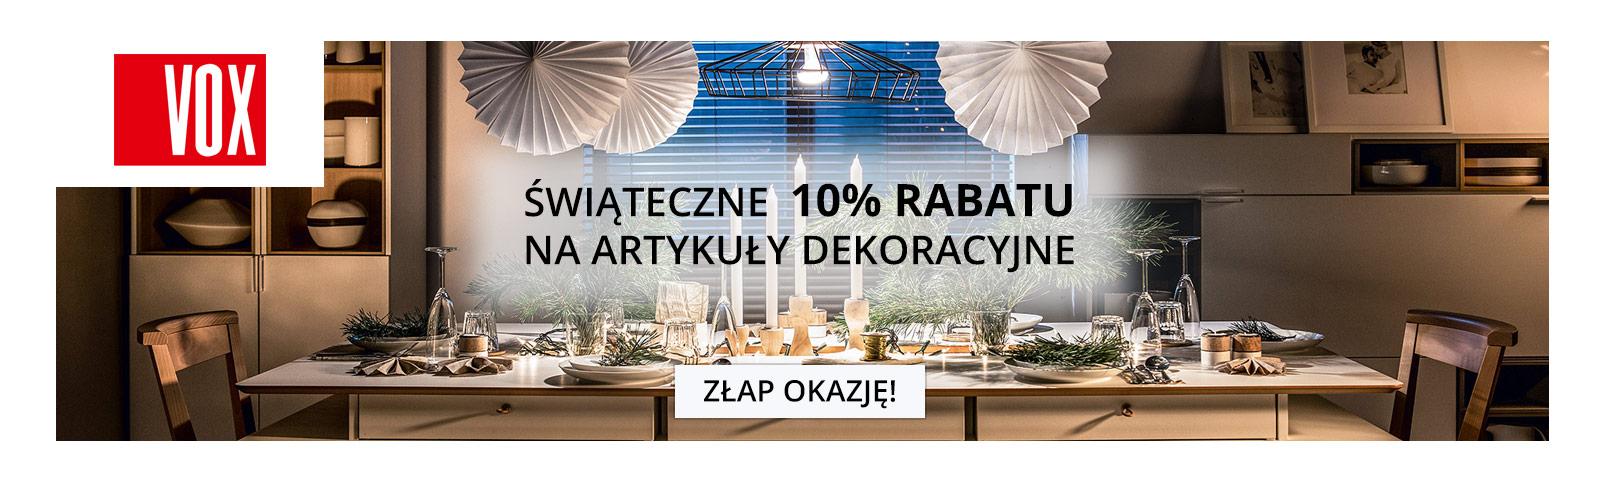 Meble Vox kody rabatowe